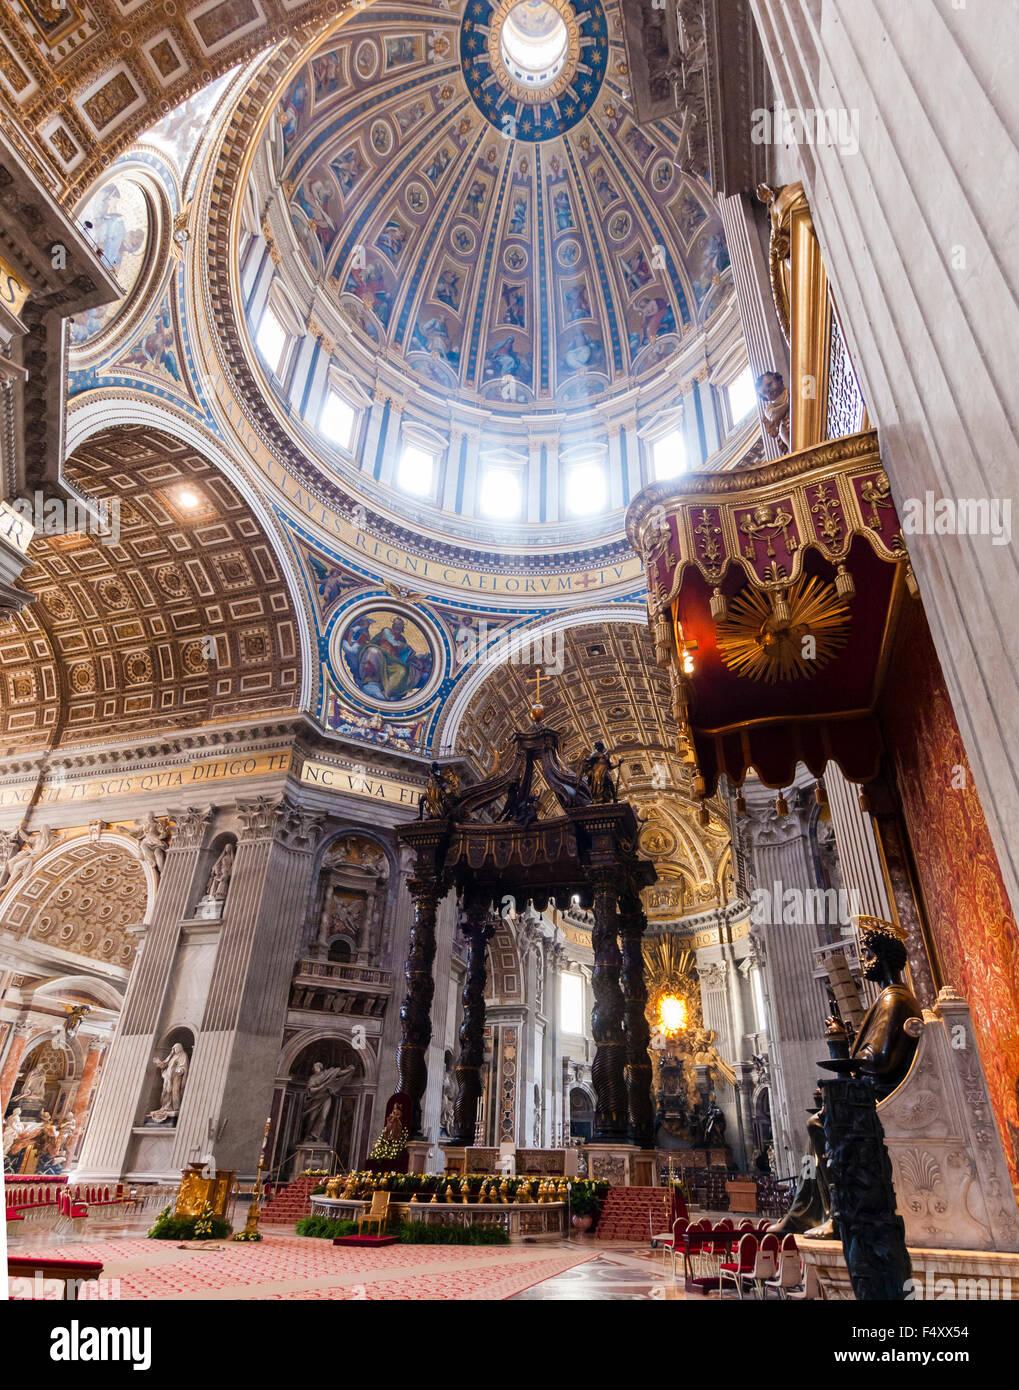 Intérieur de la Basilique Papale de Saint-Pierre, Vatican: choeur avec l'autel Bernini baldacchino Photo Stock